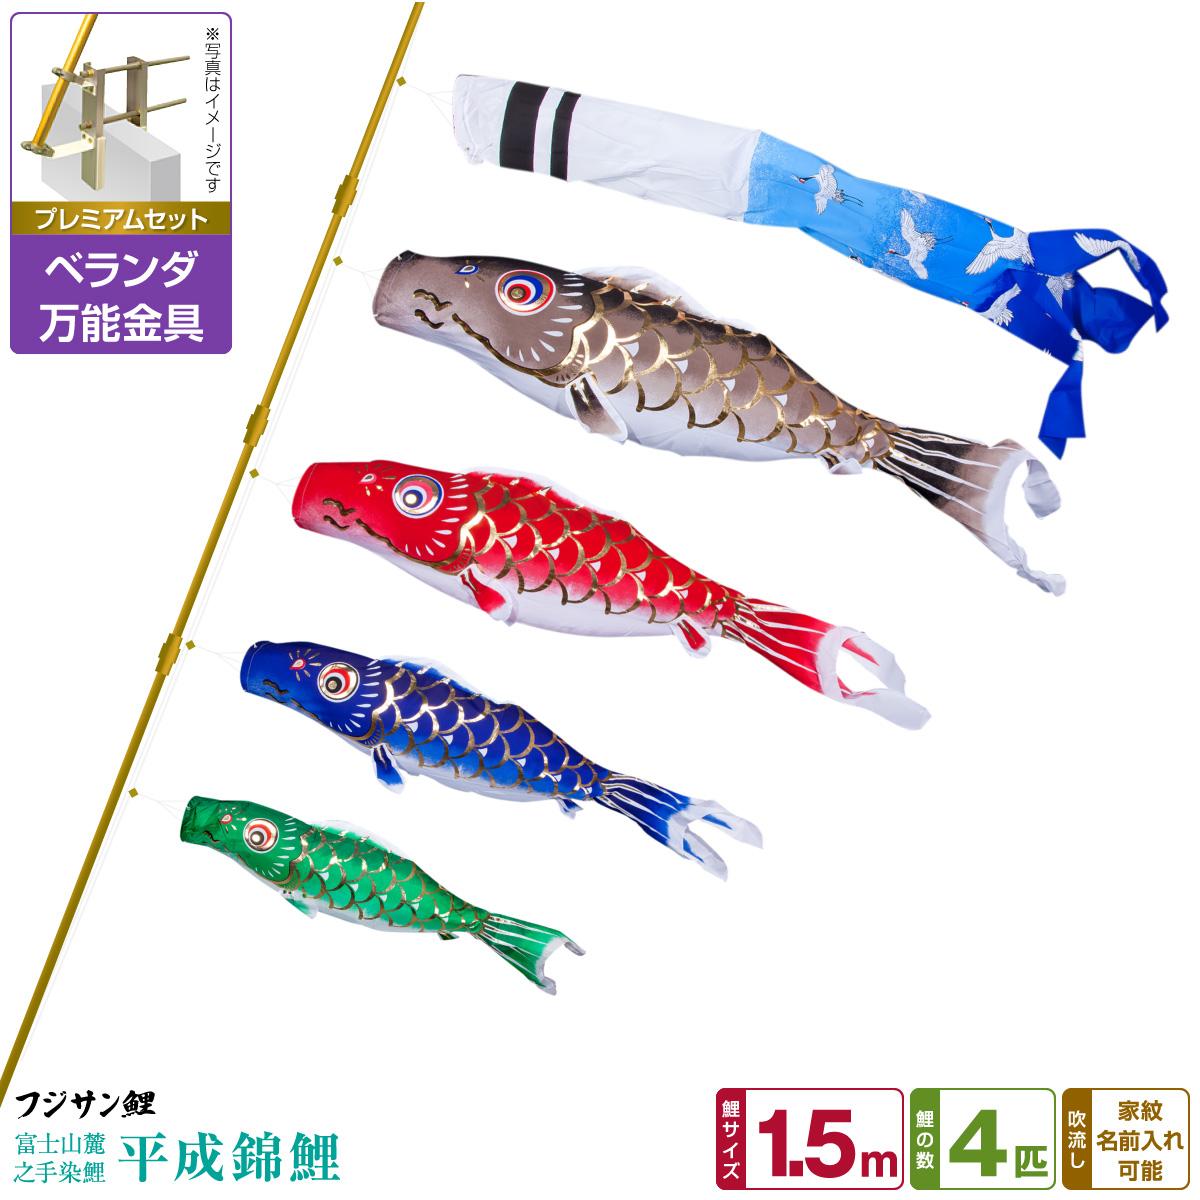 ベランダ用 こいのぼり 鯉のぼり フジサン鯉 平成錦鯉 1.5m 7点(吹流し+鯉4匹+矢車+ロープ)/プレミアムセット(万能取付金具)